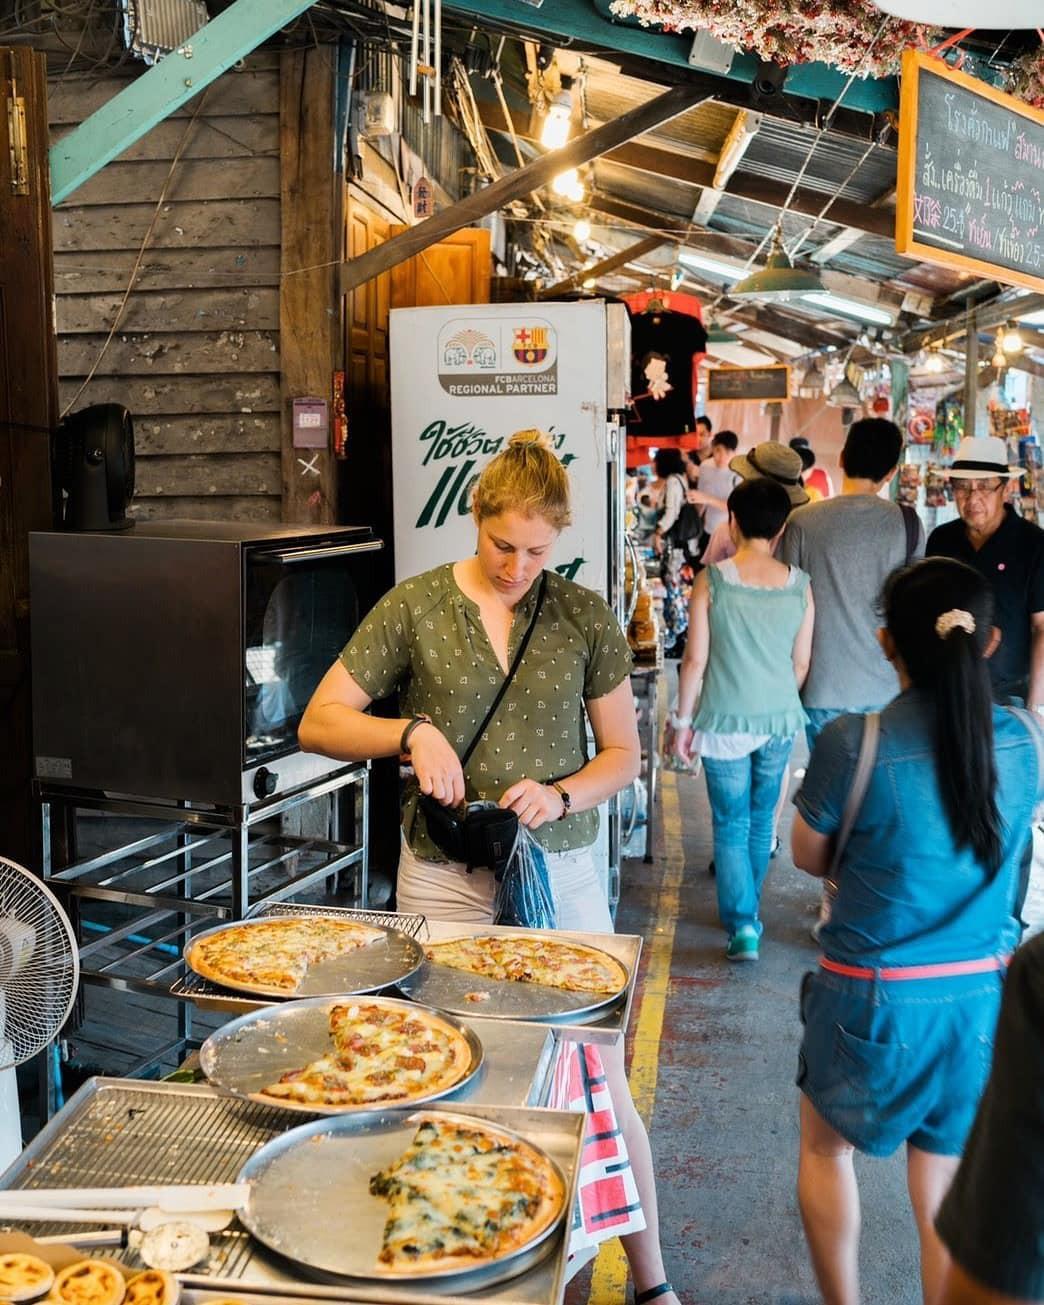 Chơi quên lối về tại những khu chợ nổi nhất định phải ghé ở Bangkok - Ảnh 14.